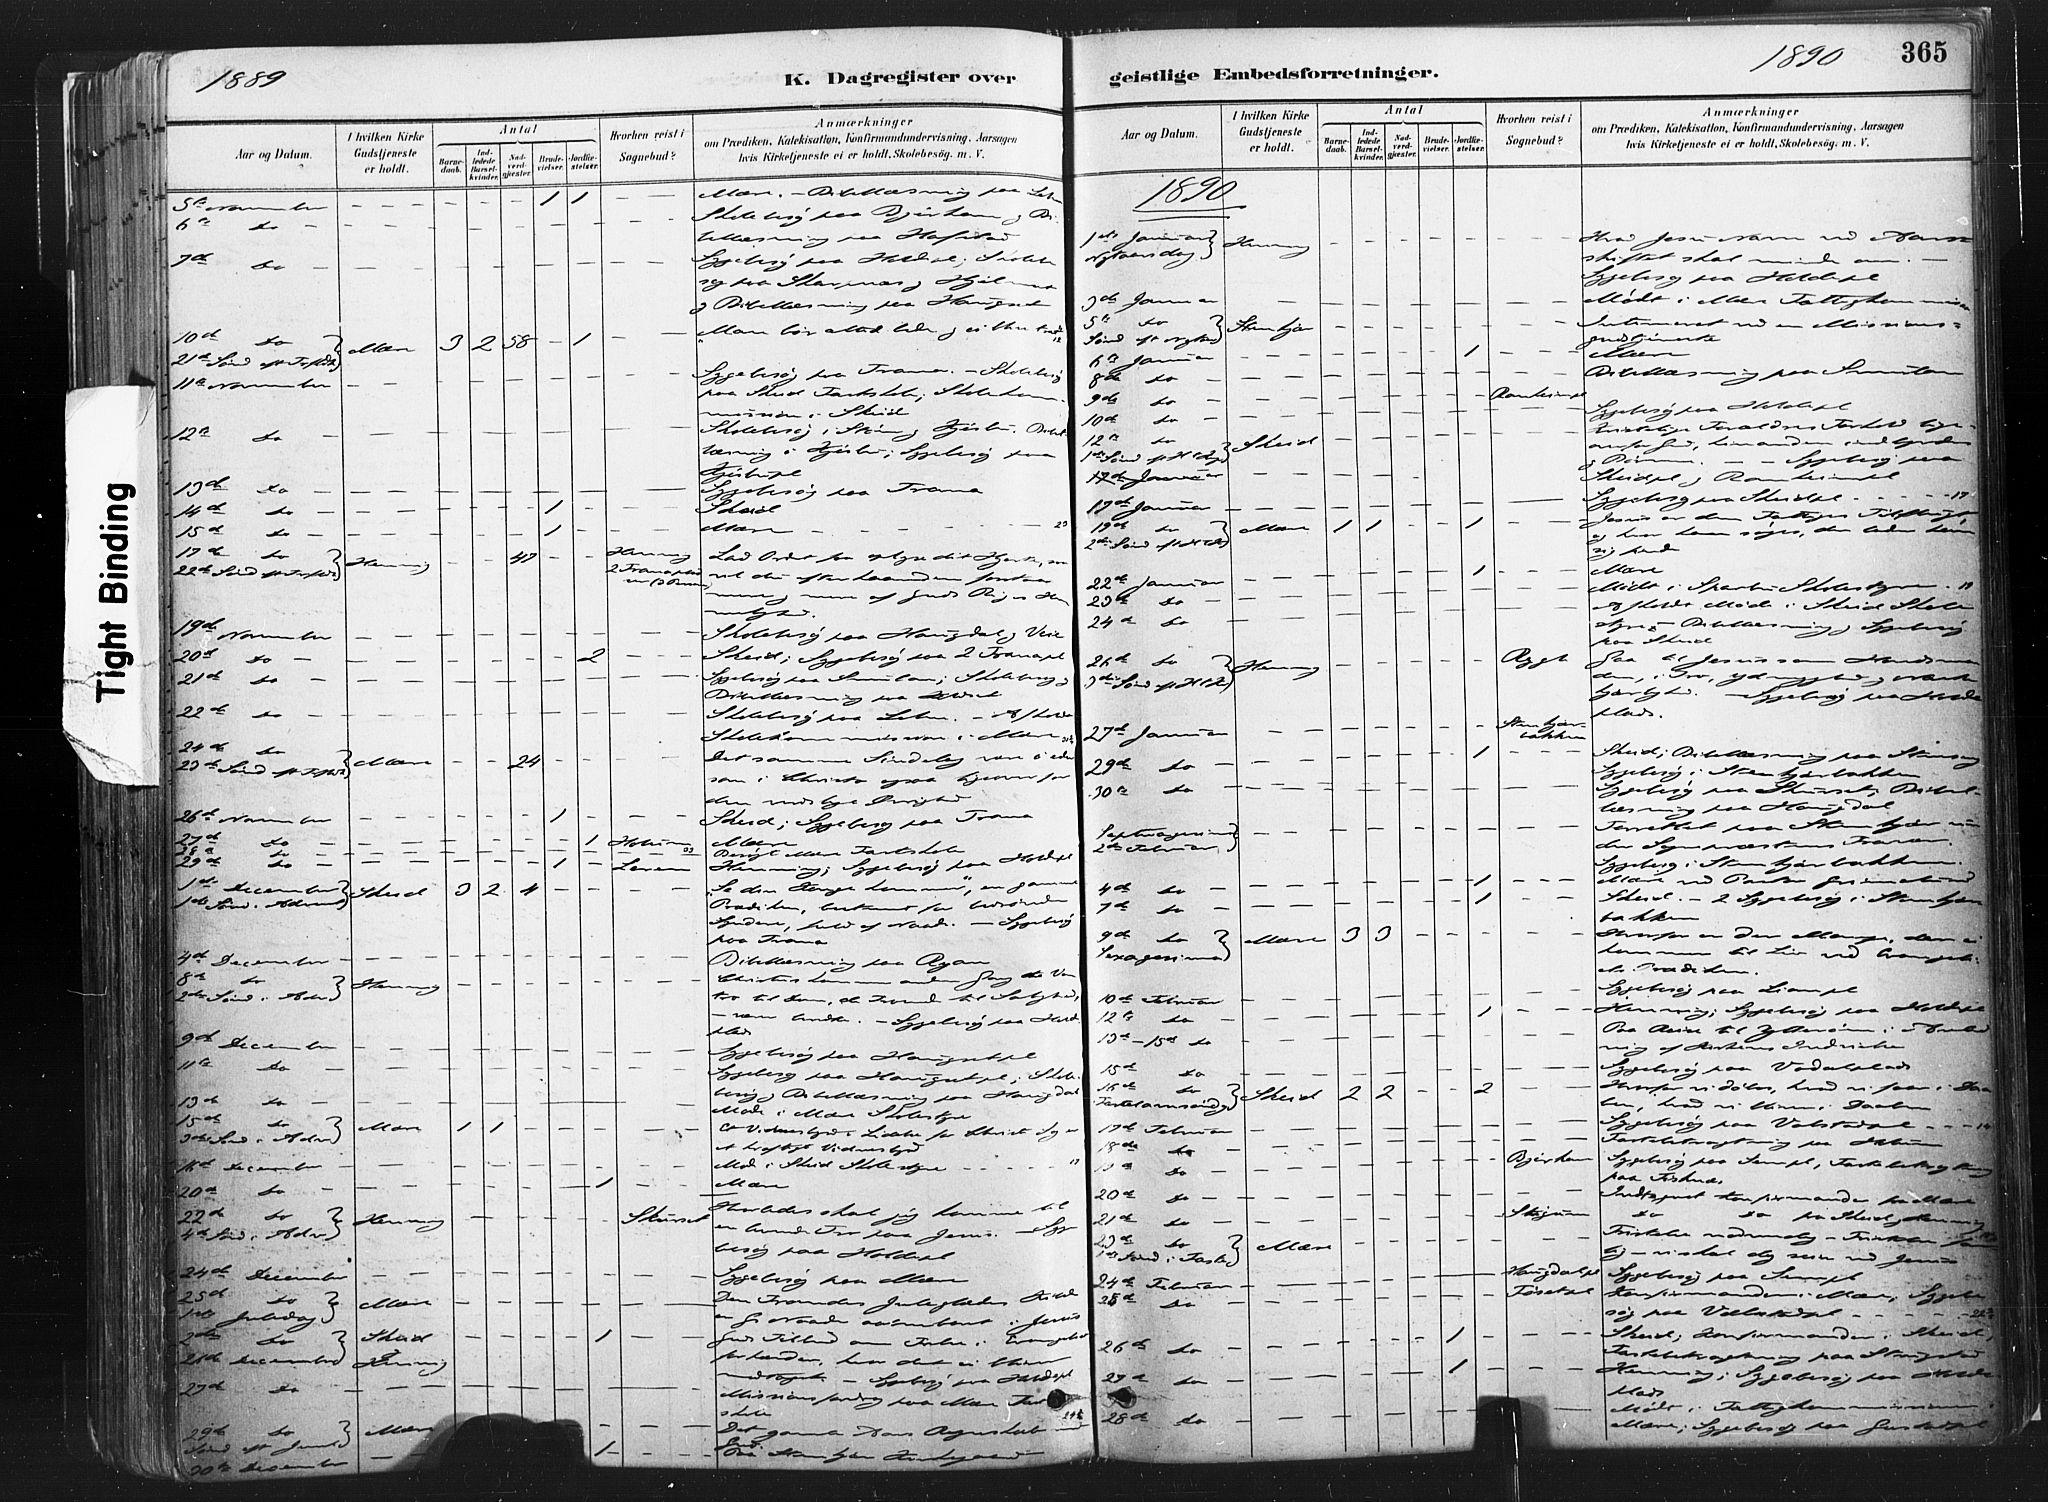 SAT, Ministerialprotokoller, klokkerbøker og fødselsregistre - Nord-Trøndelag, 735/L0351: Ministerialbok nr. 735A10, 1884-1908, s. 365